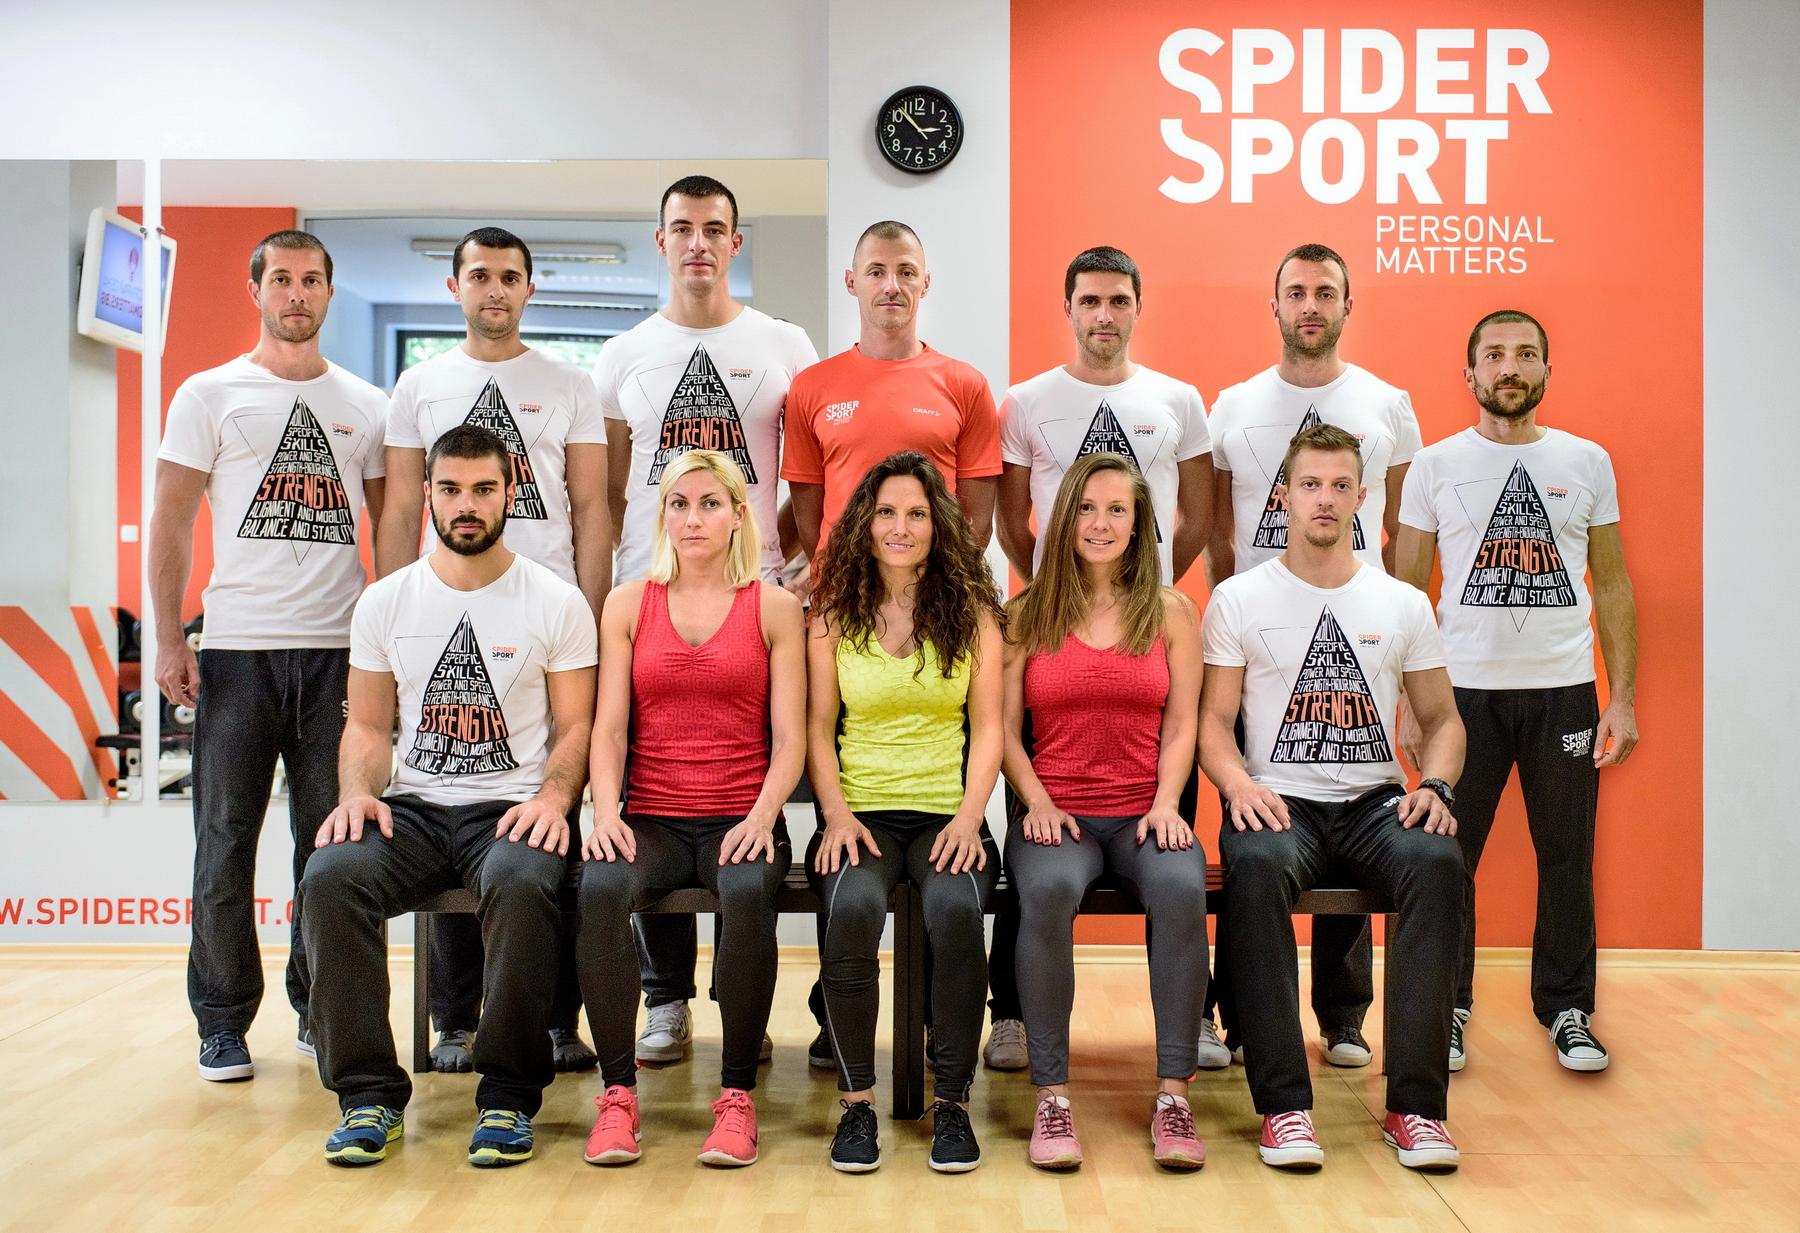 SPIDER SPORT Team